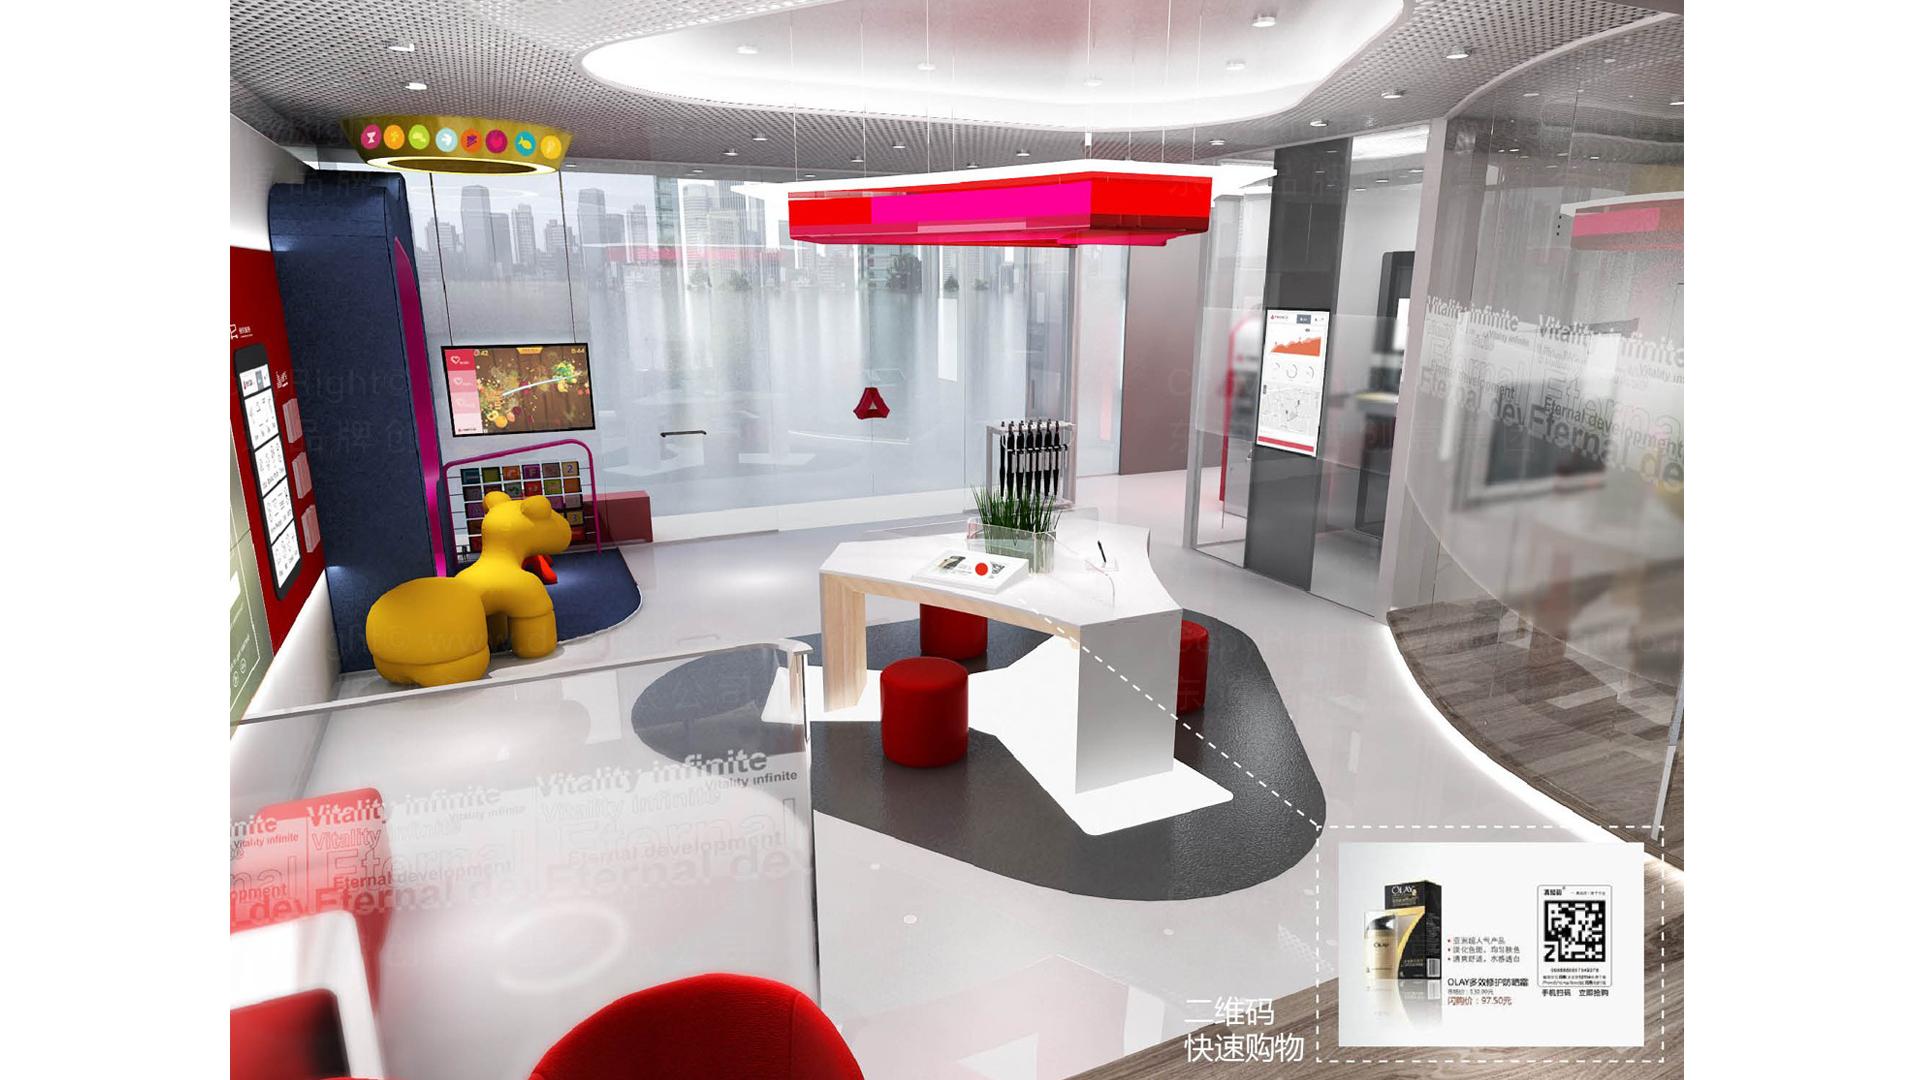 商业空间&导示广发银行社区支行标准化装修方案及标准手册设计应用